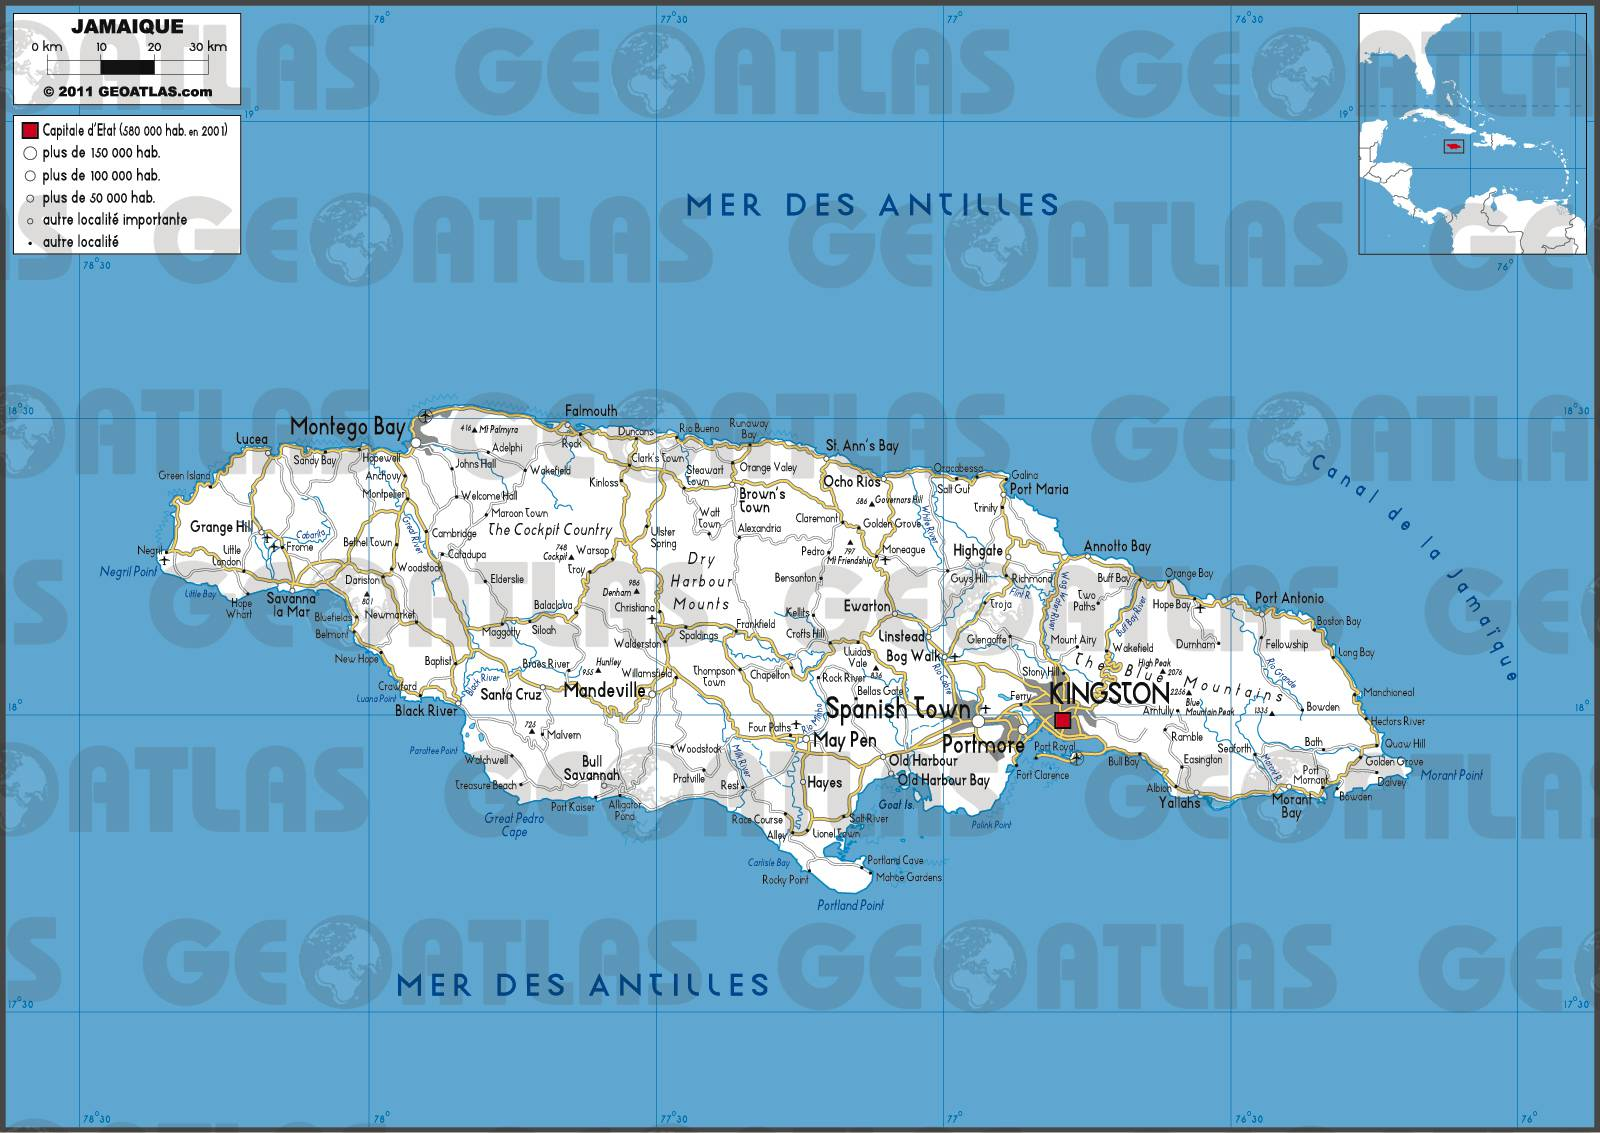 Carte routière de la Jamaïque